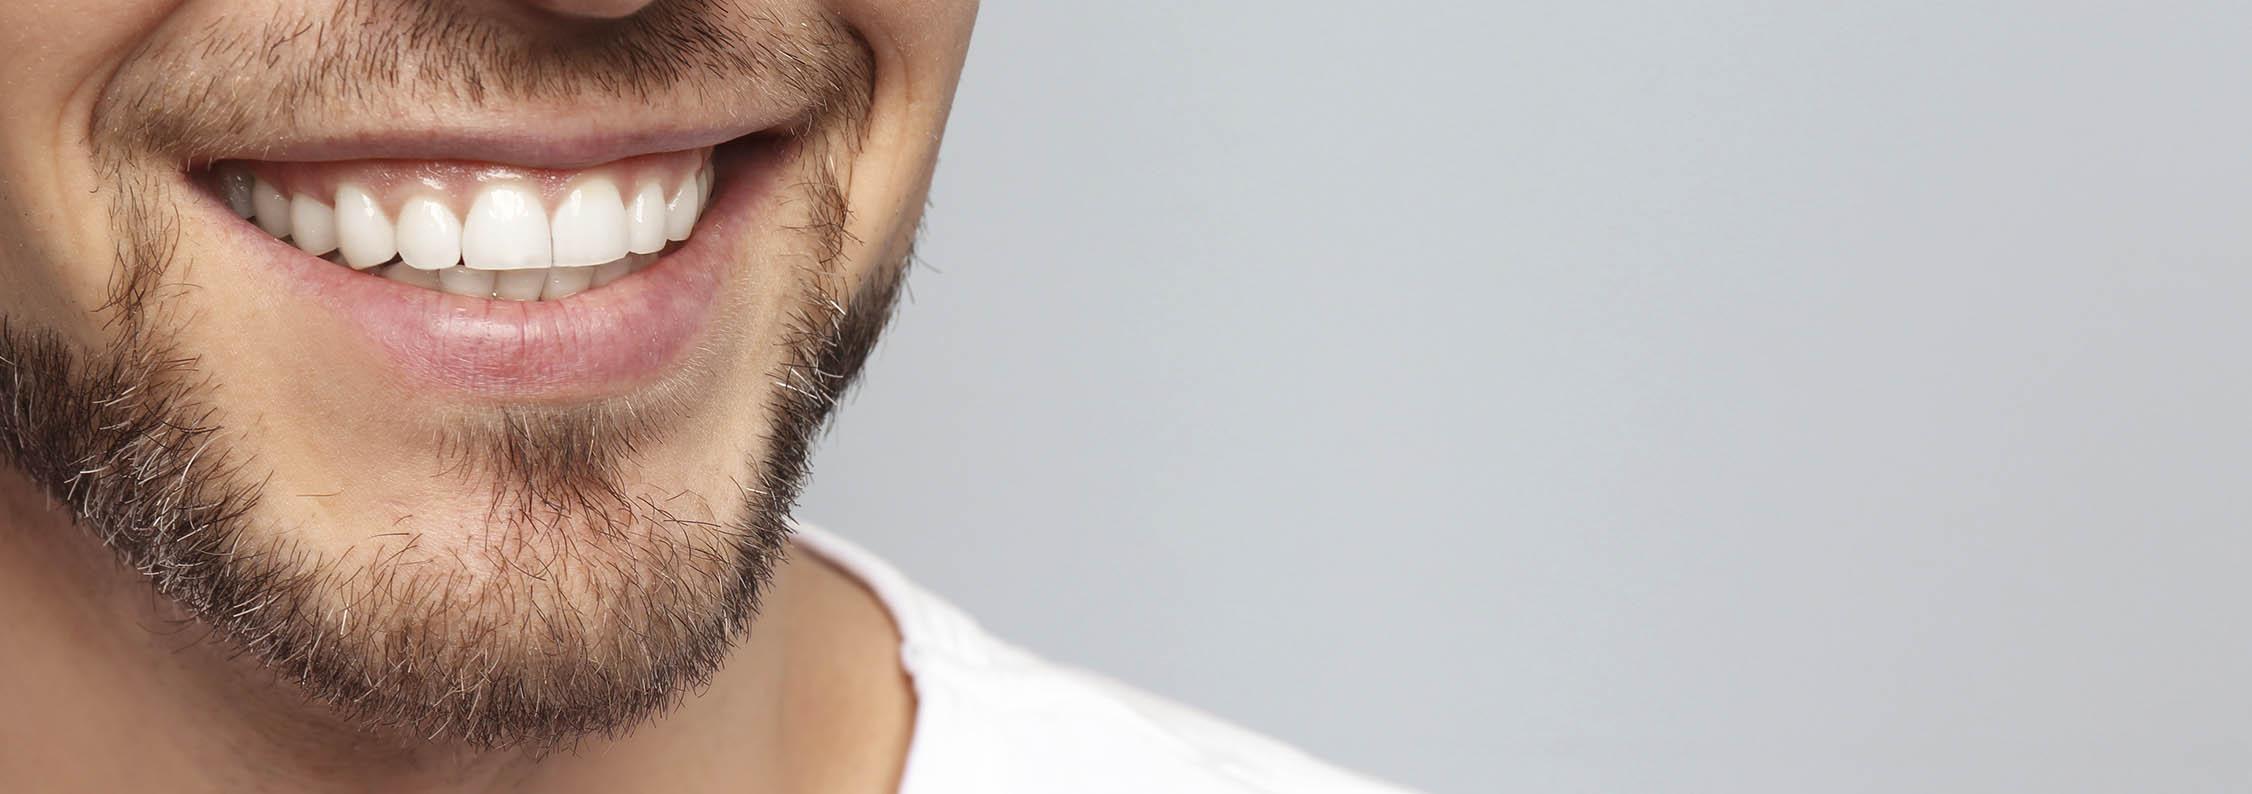 sonrisa felicidad tratamiento dental de cirugía oral